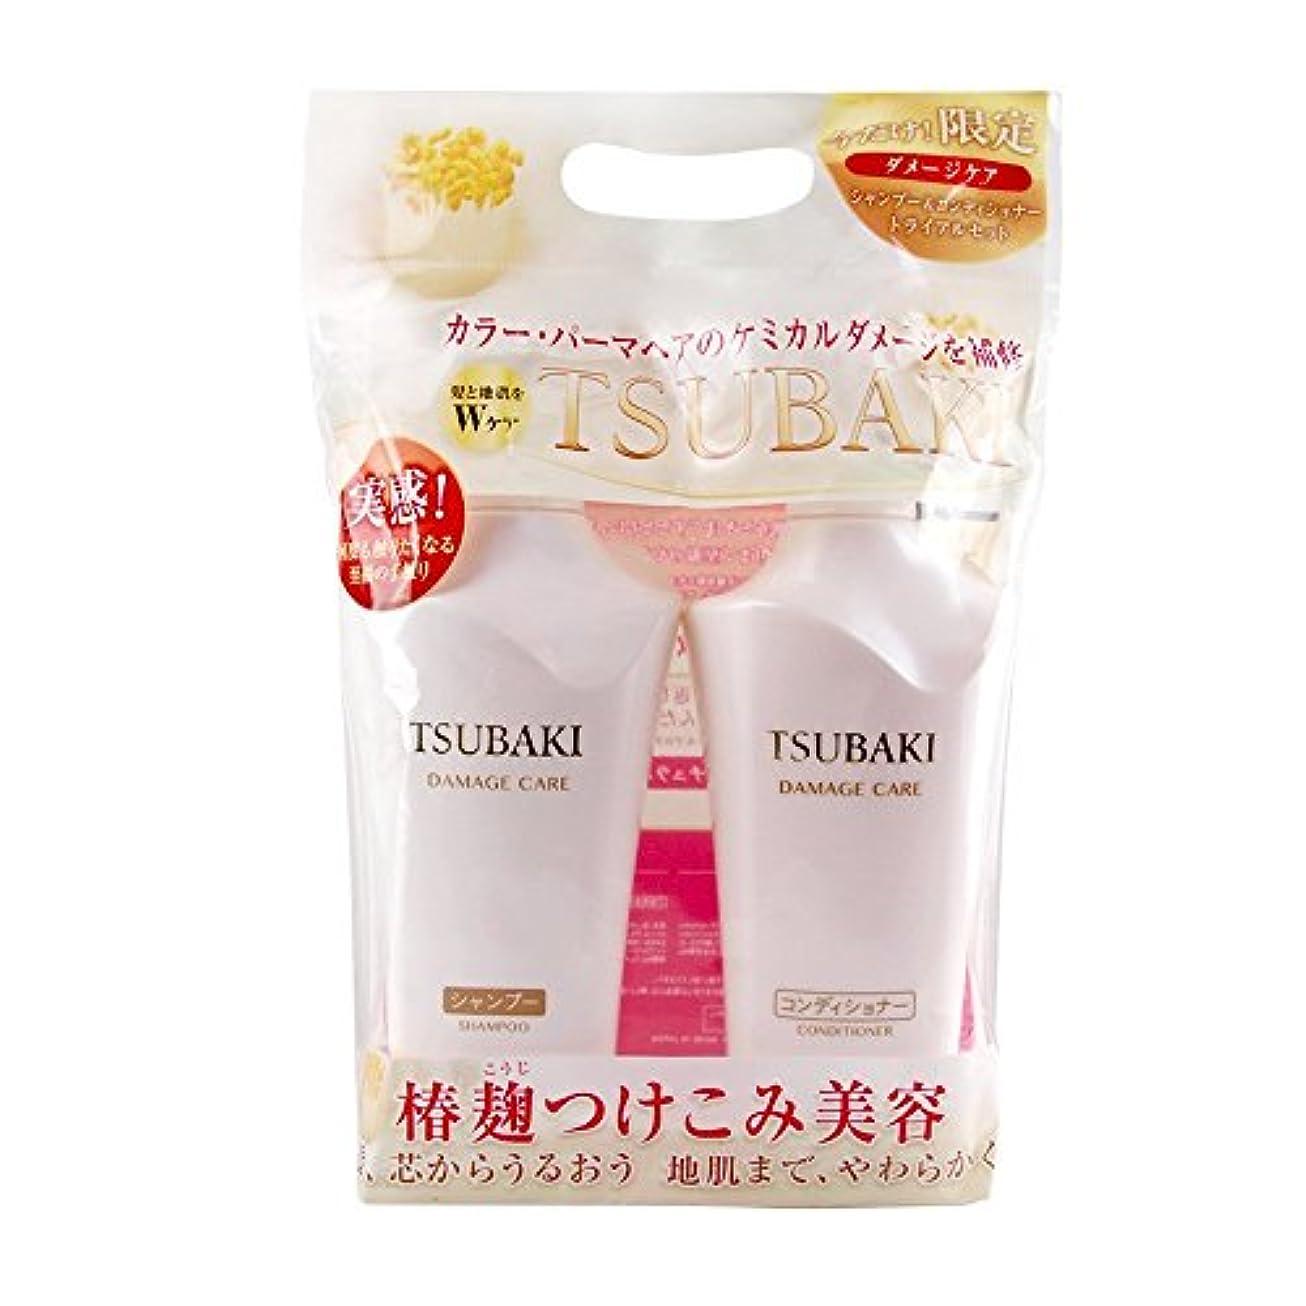 衰えるブランド懇願するTSUBAKI ダメージケア シャンプー&コンディショナー ジャンボペアセット (500ml+500ml)